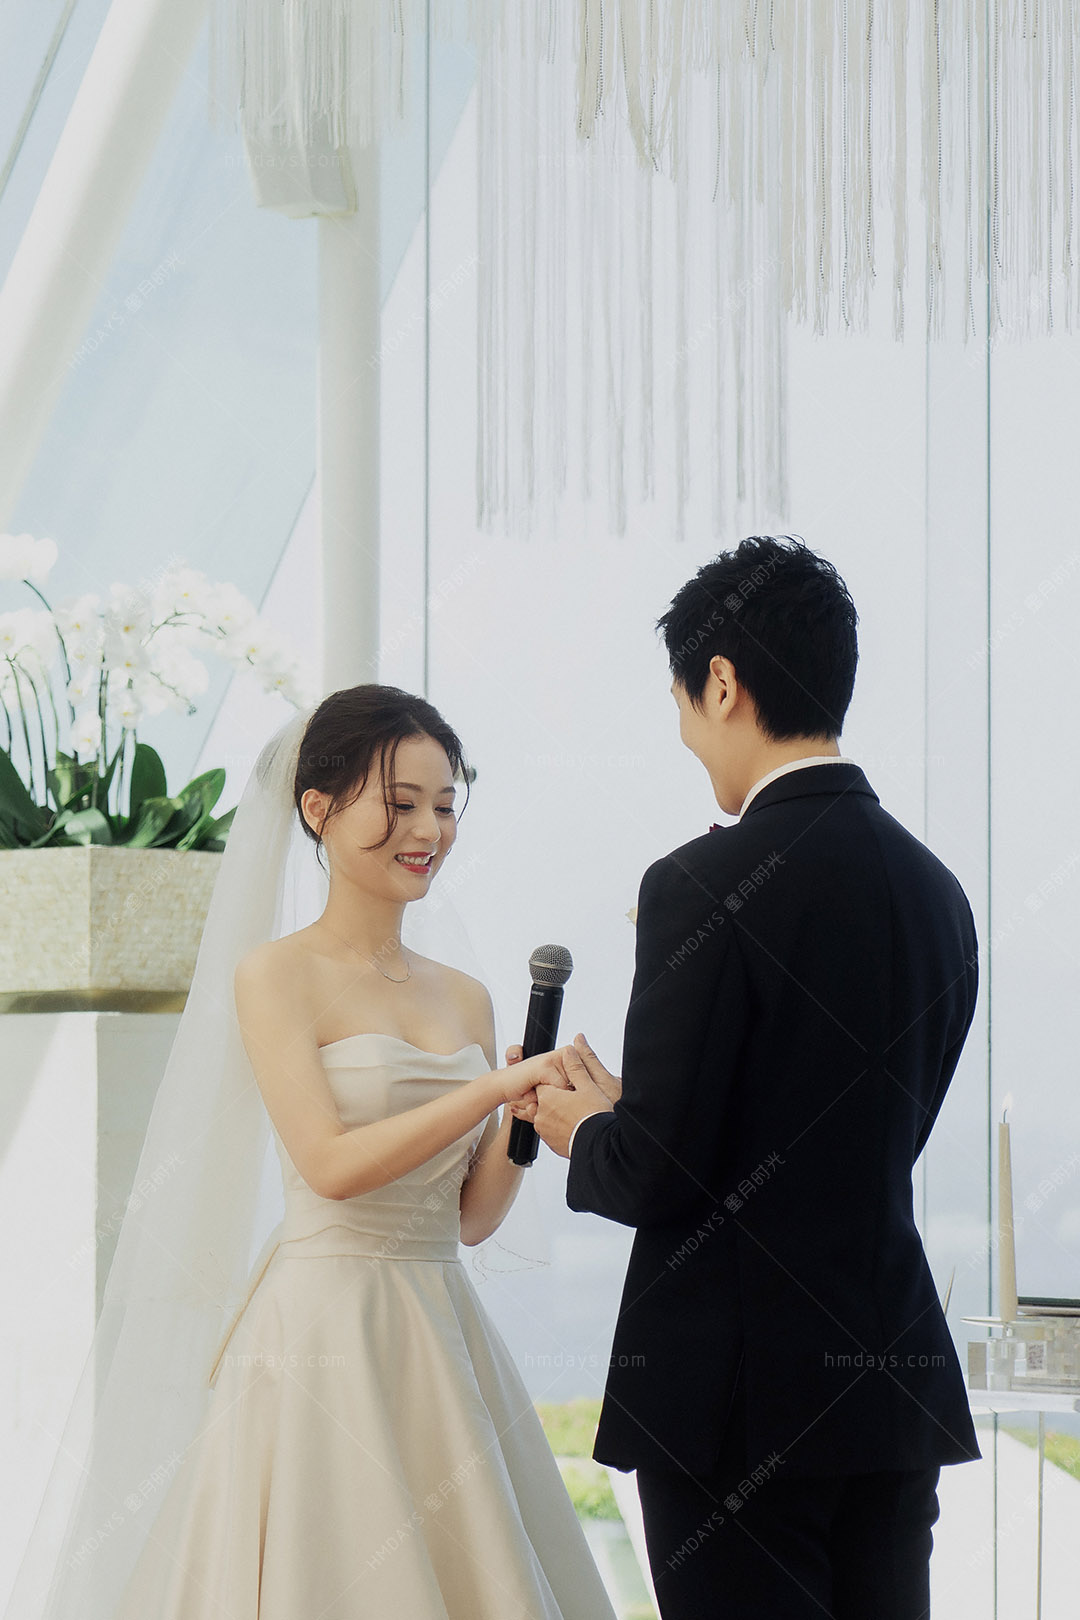 巴厘岛水之教堂婚礼婚纱照片|海外婚礼|海外婚纱摄影|照片